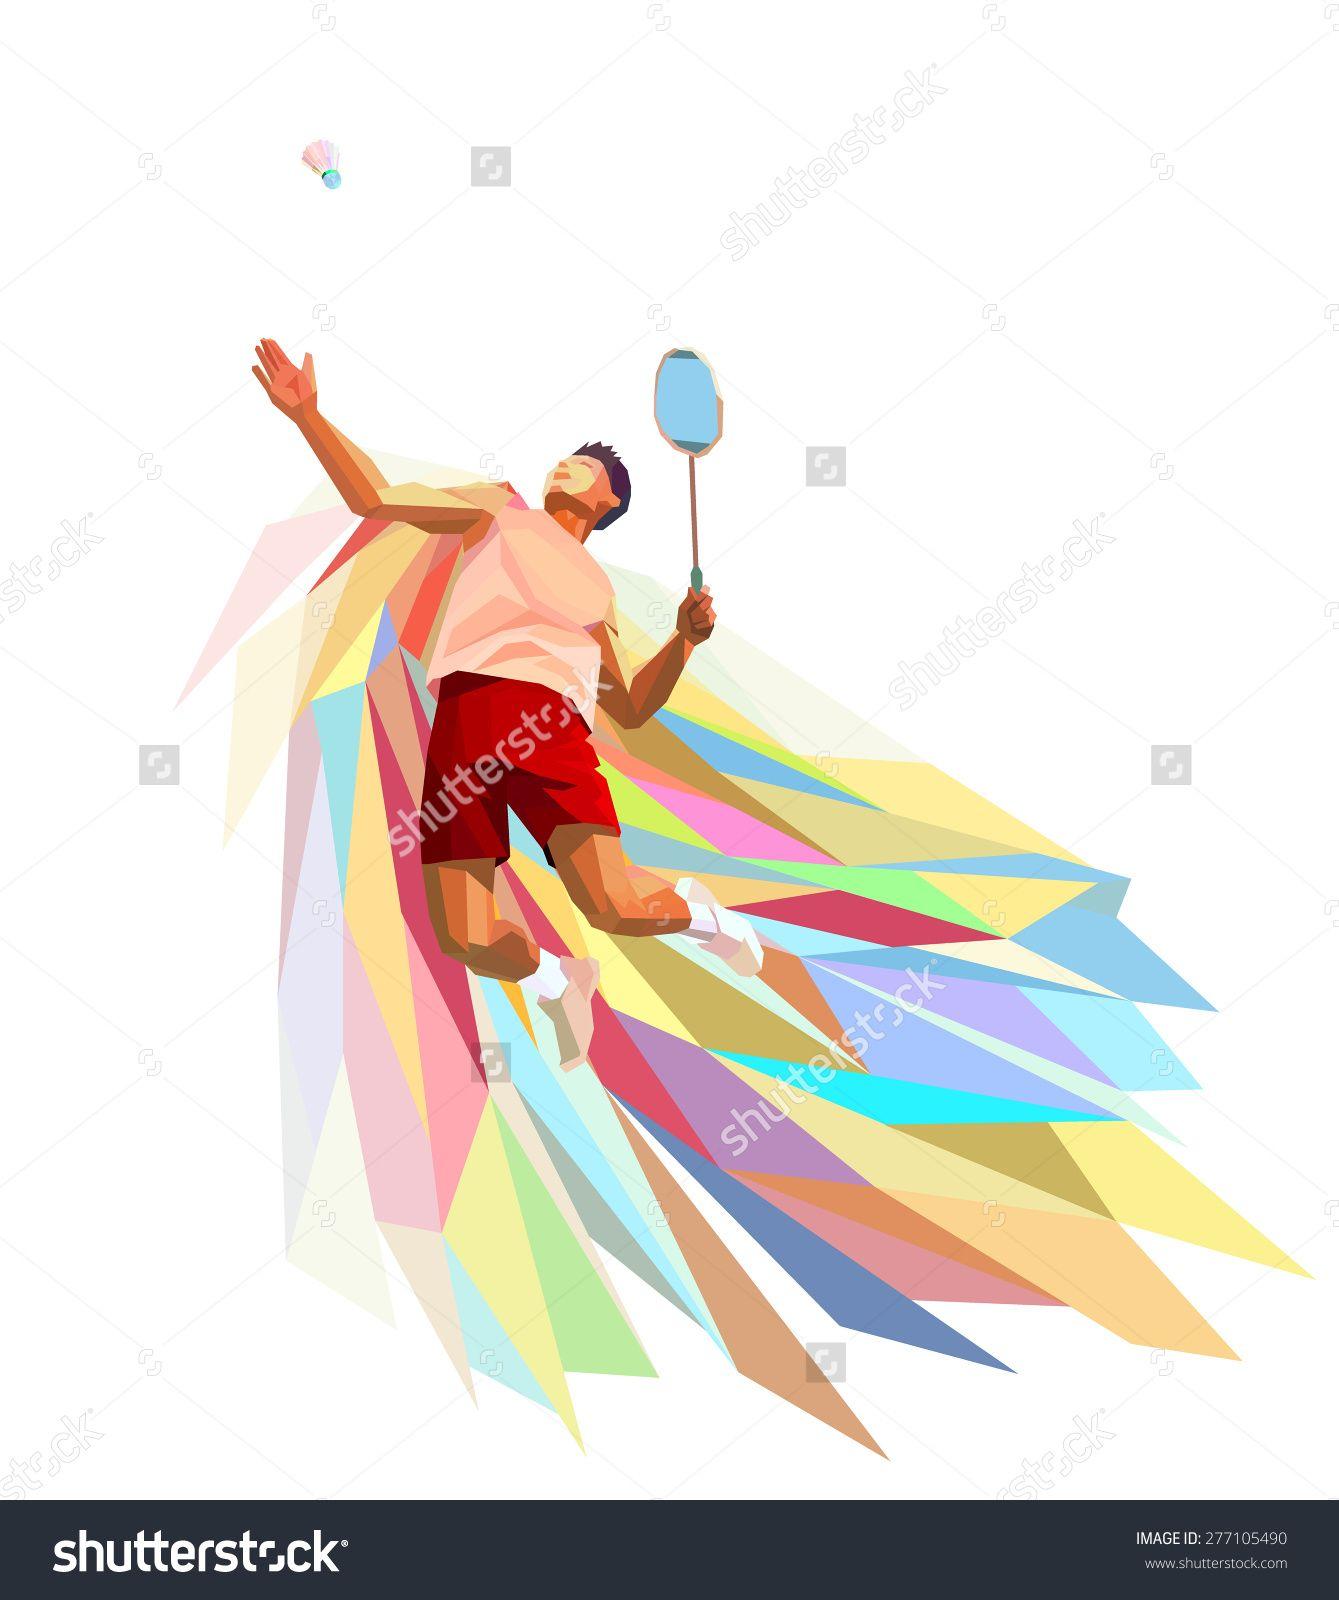 badminton background